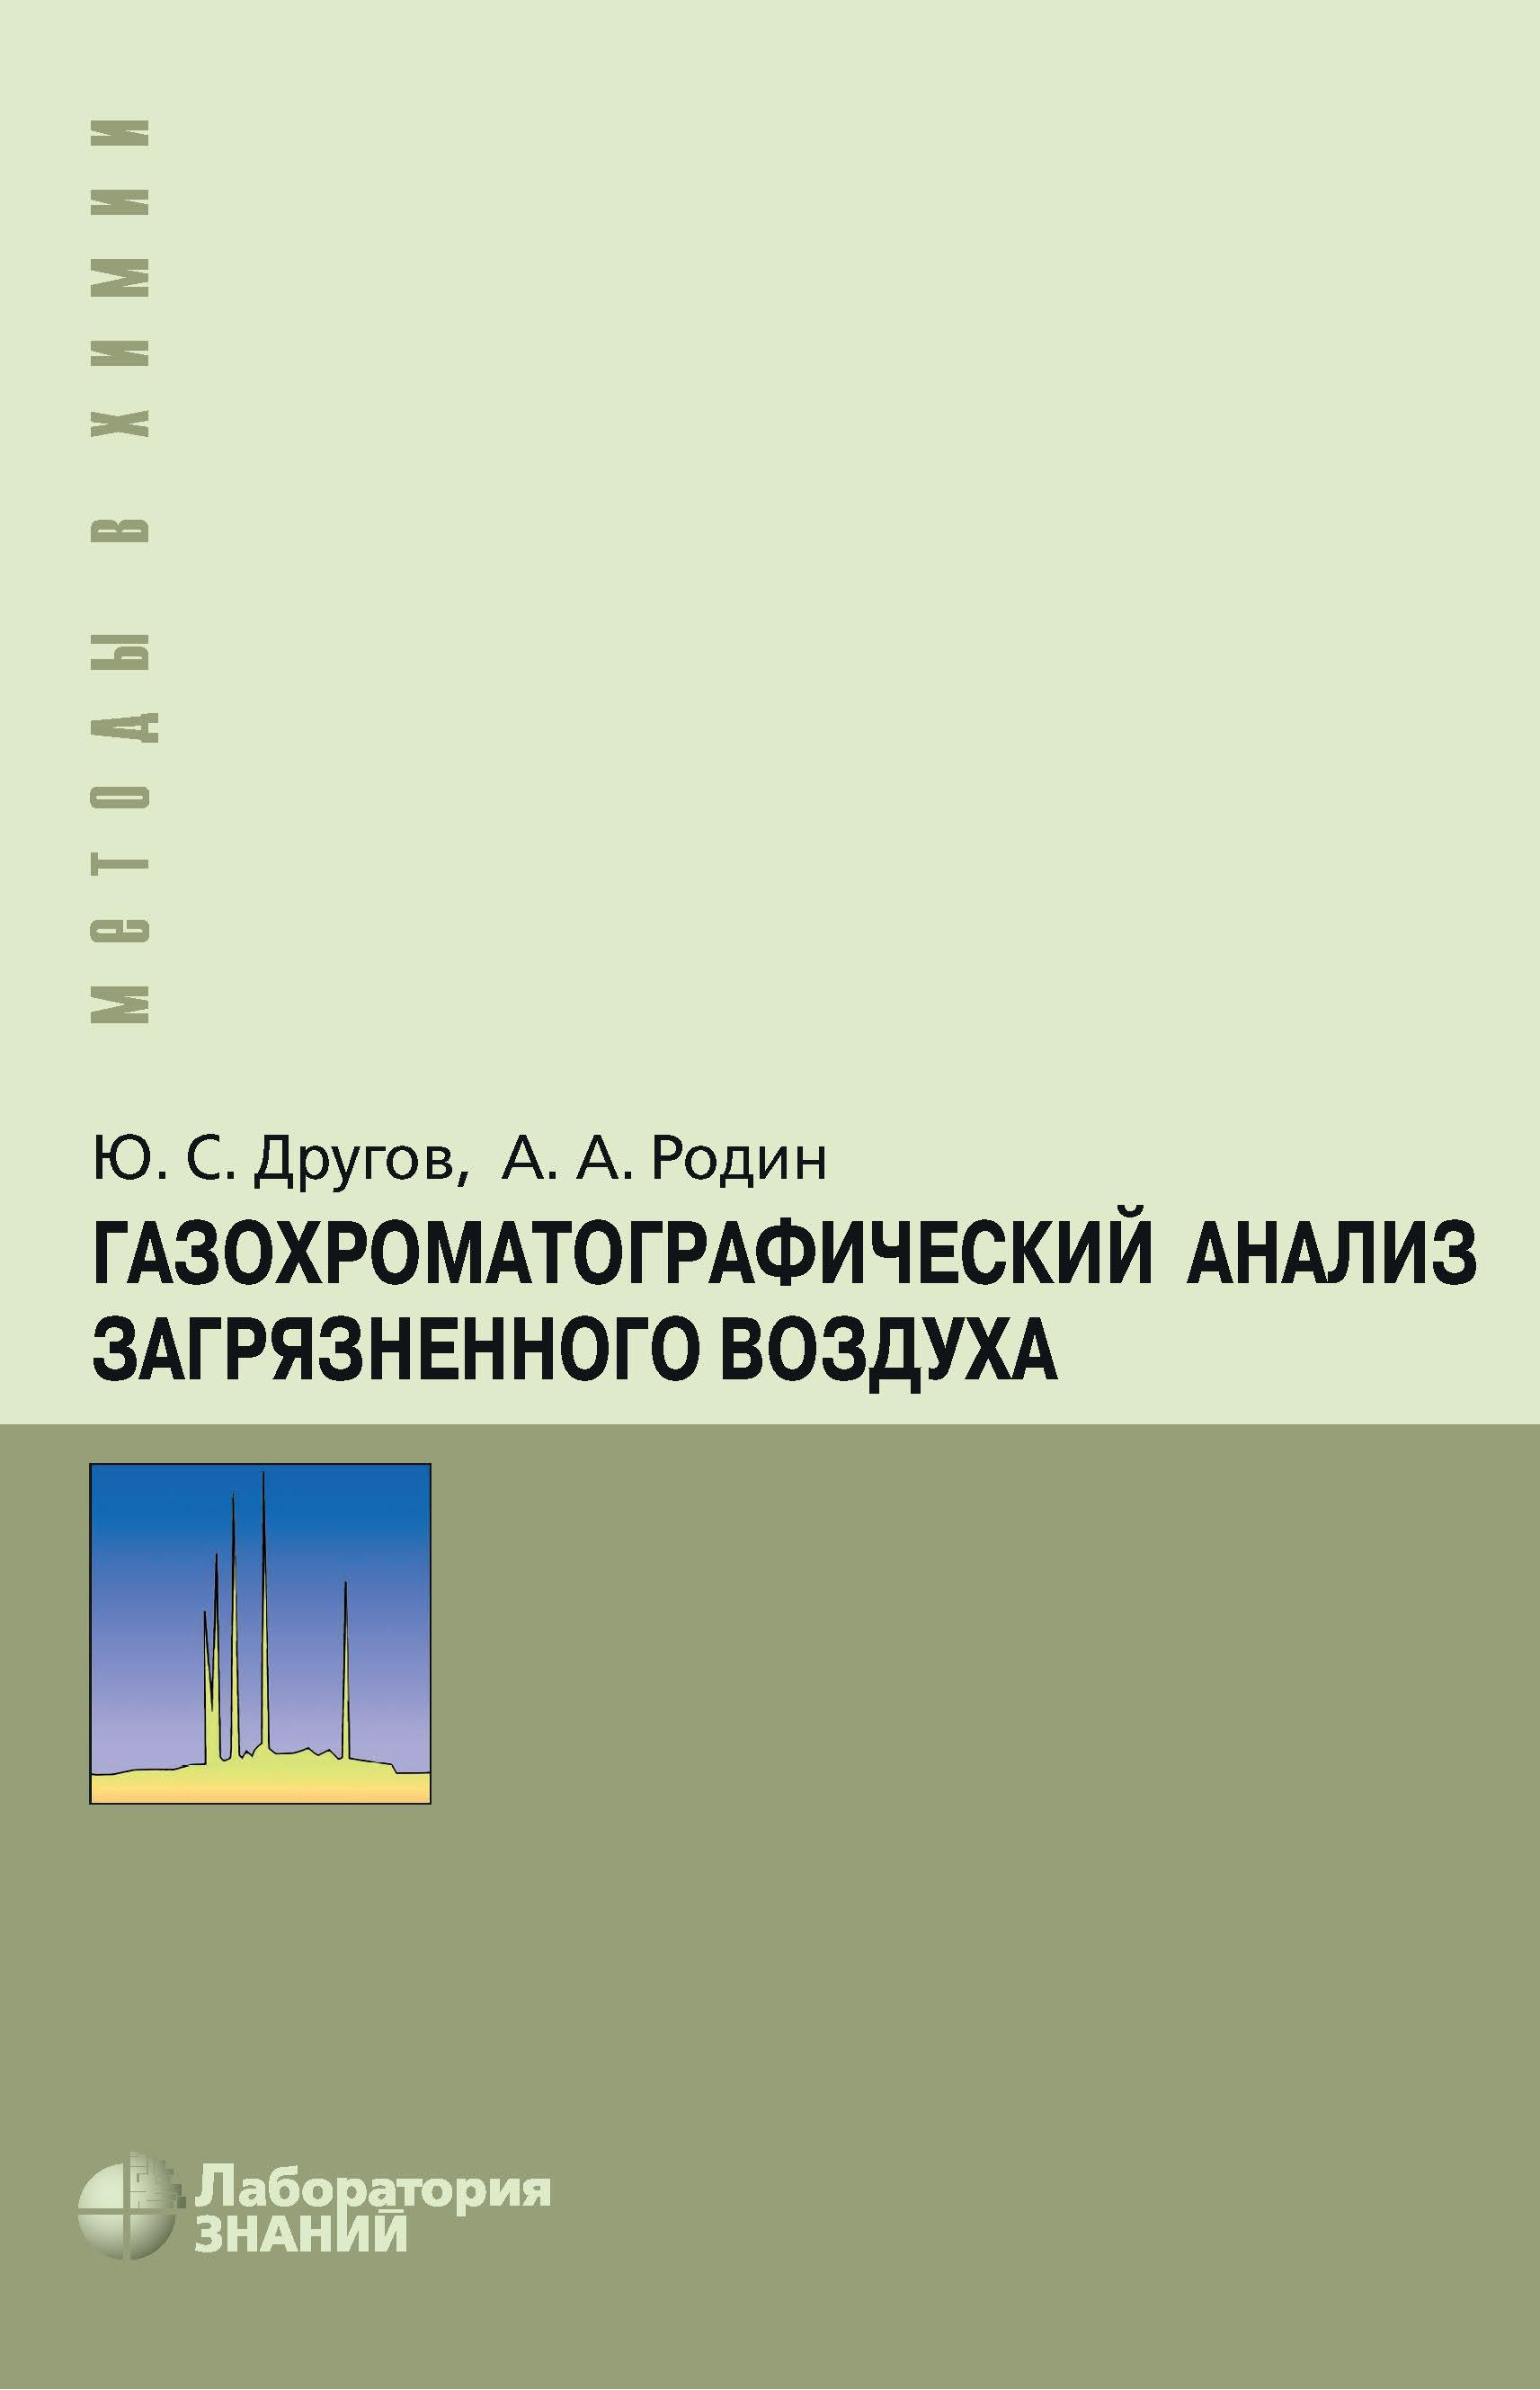 А. А. Родин Газохроматографический анализ загрязненного воздуха. Практическое руководство другов ю родин а газохроматографический анализ загрязн воздуха